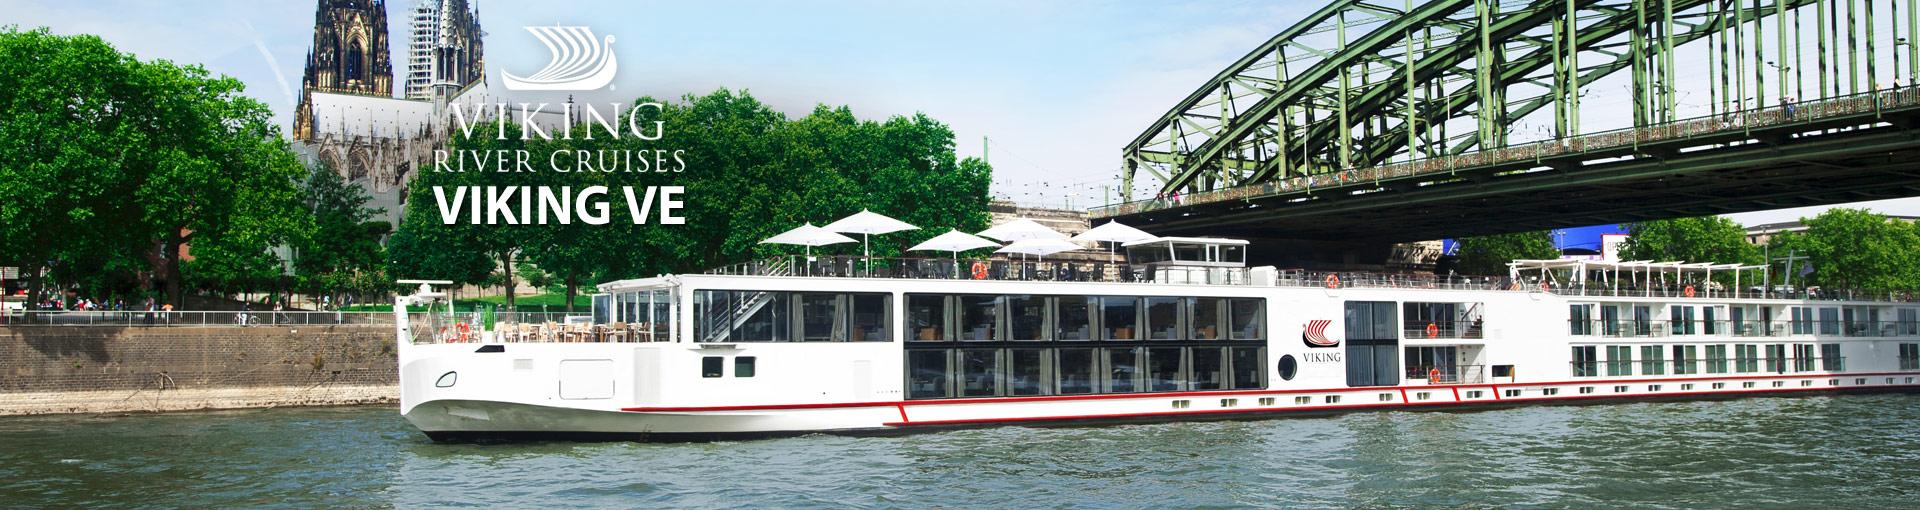 Viking River Viking Ve river cruise ship